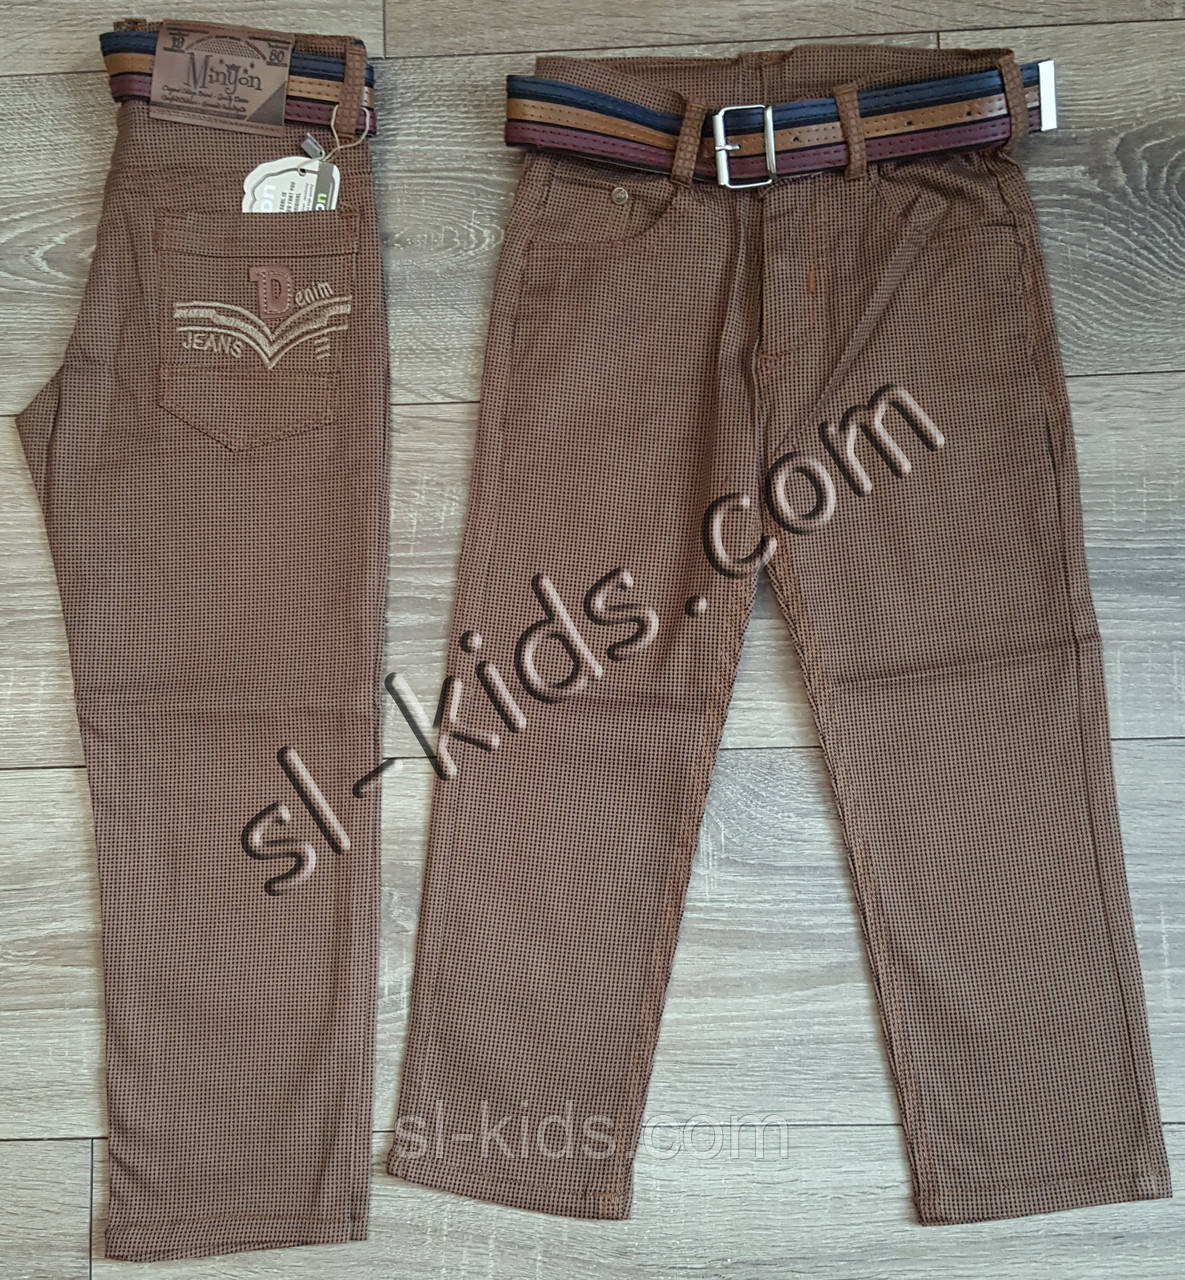 Яркие штаны,джинсы для мальчика 3-7 лет(ромбик коричневые) опт пр.Турция